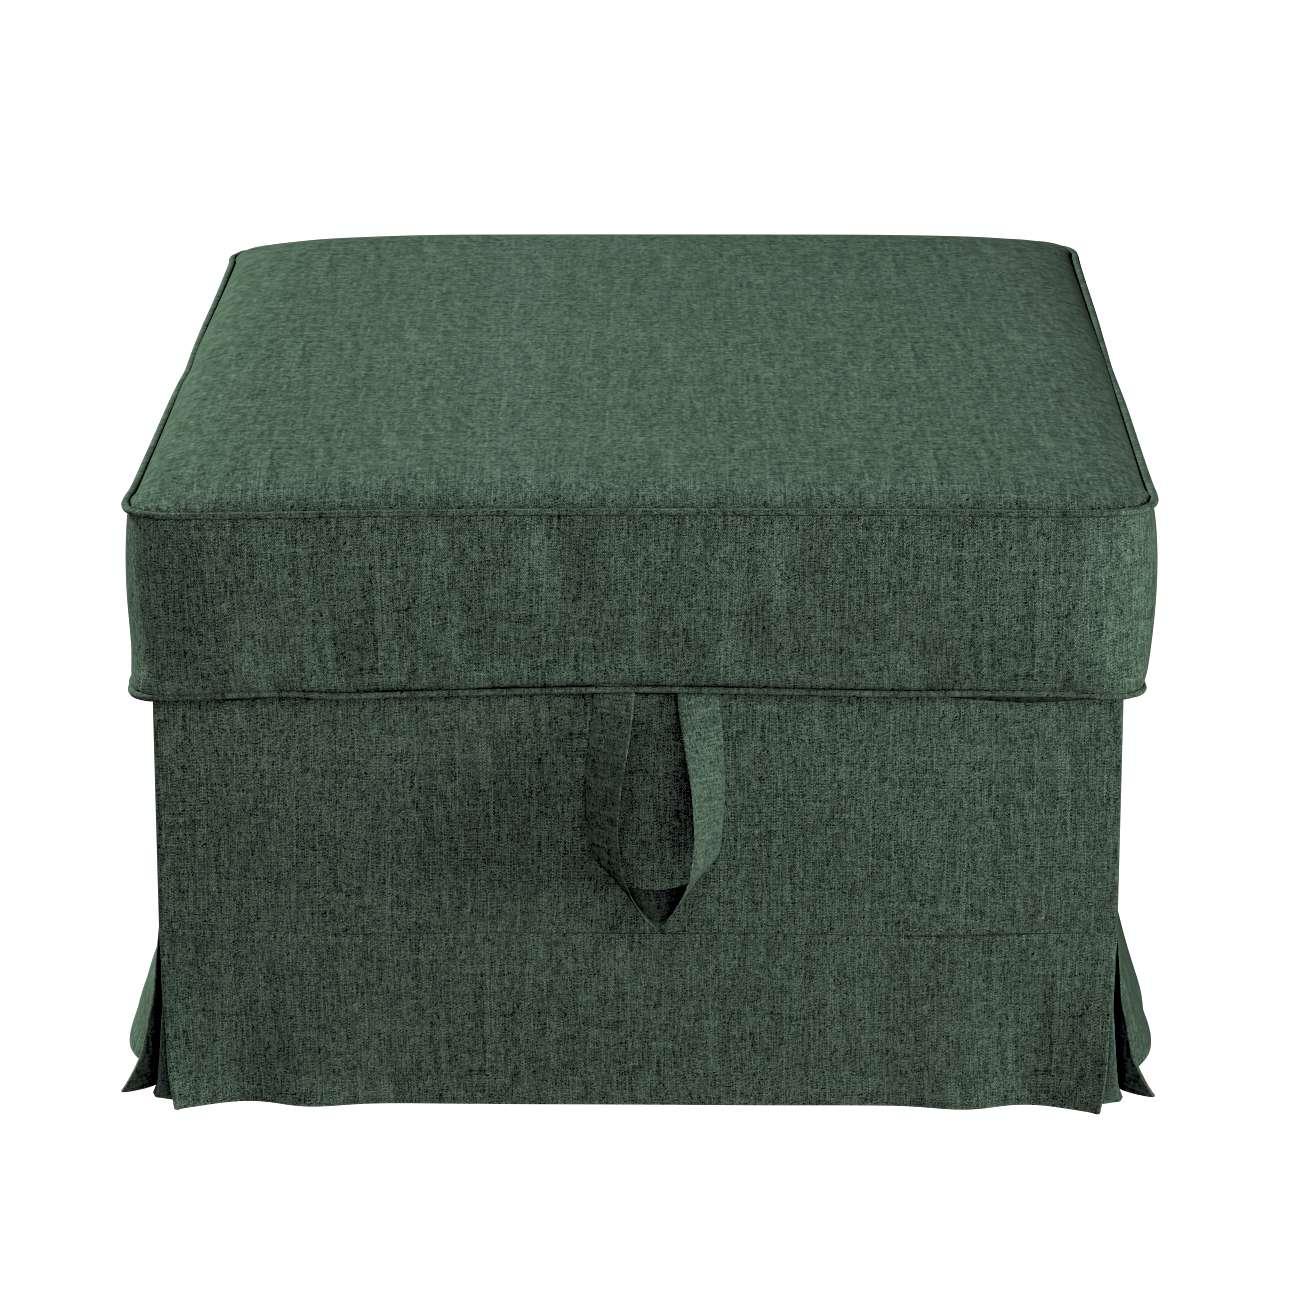 Pokrowiec na podnóżek Ektorp Bromma w kolekcji City, tkanina: 704-81